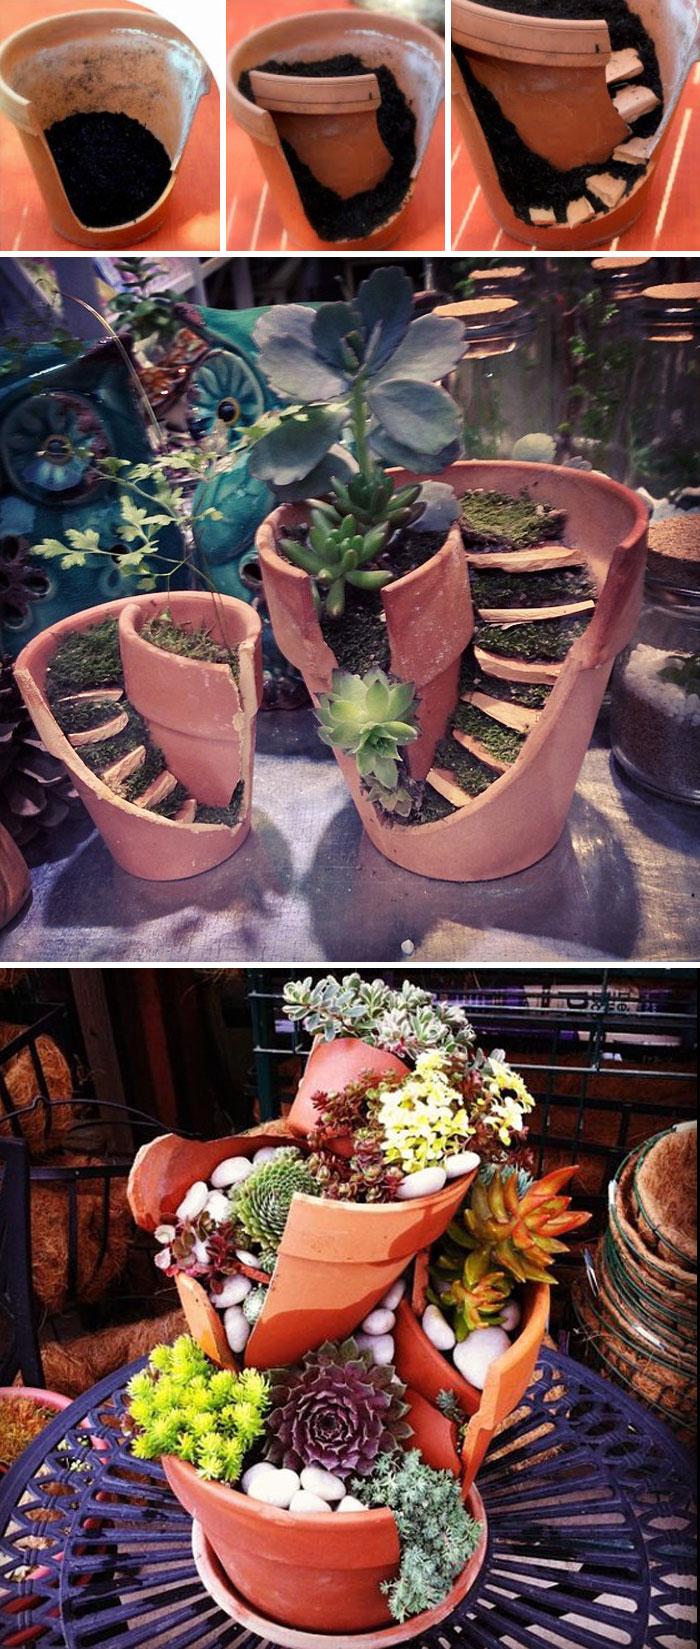 تبدیل هنرمندانه یک گلدان شکسته به باغچه